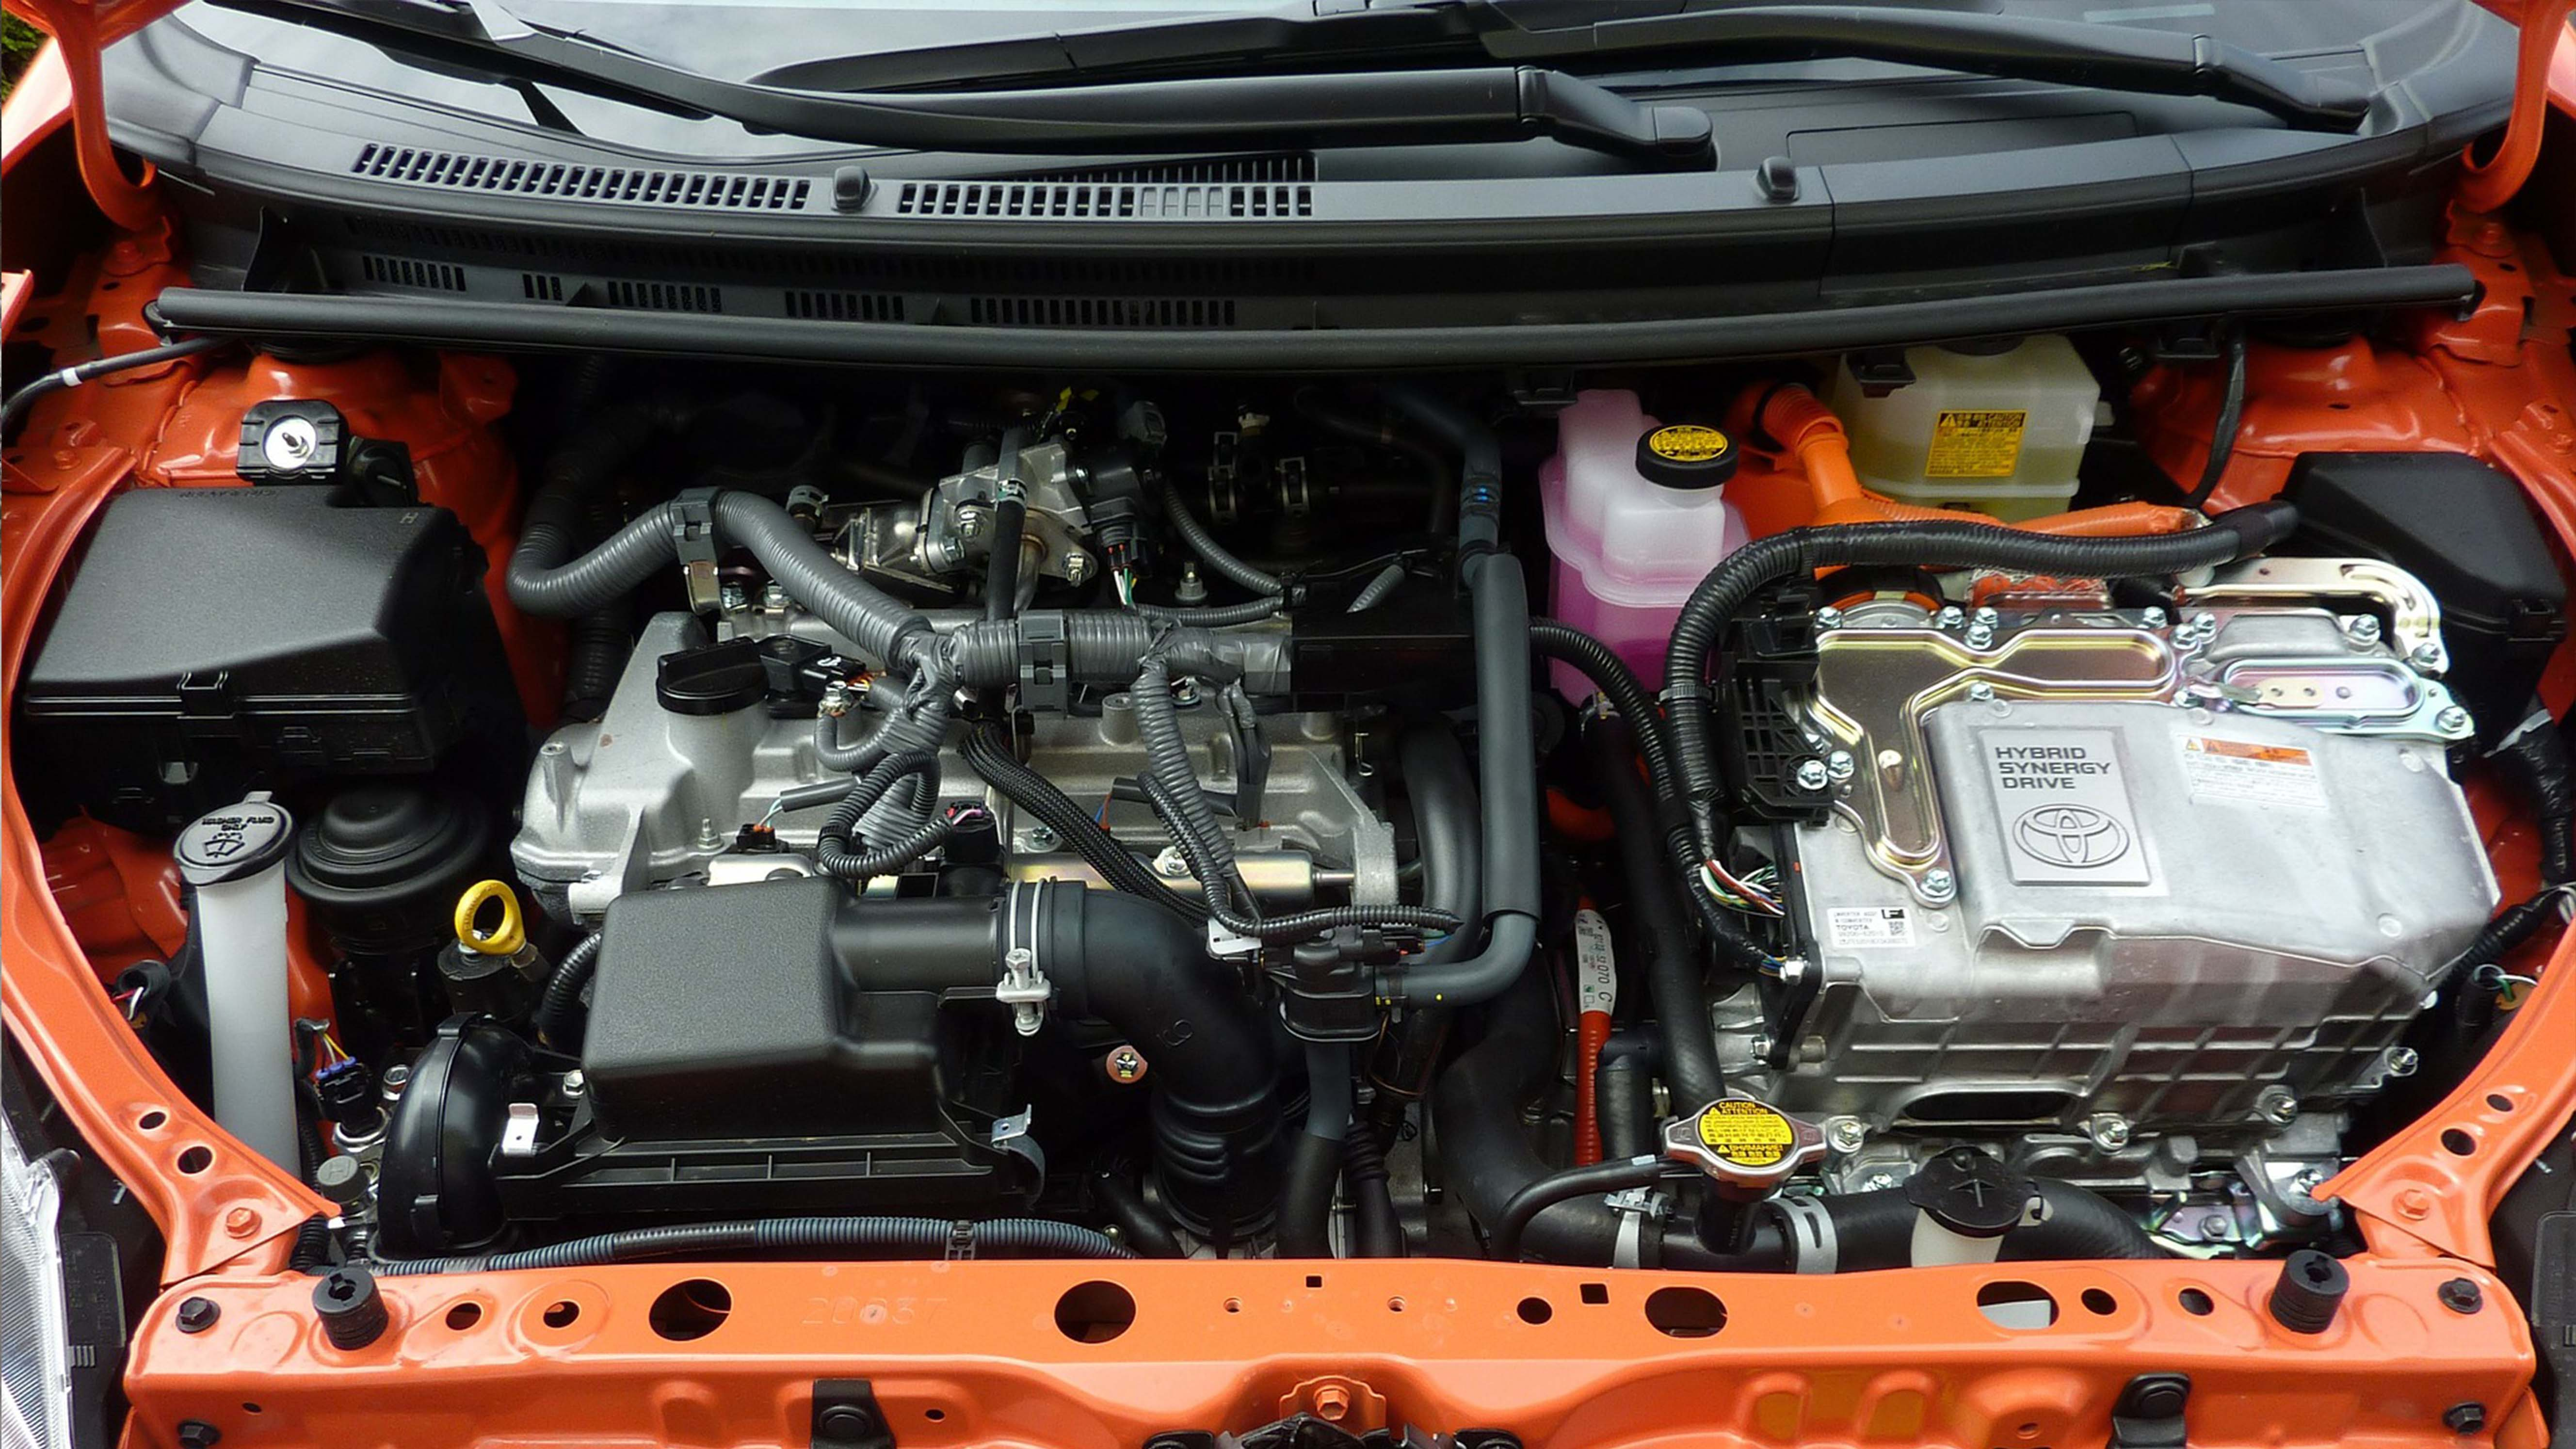 Officina Gagliasso per i clienti: batteria auto scarica? Ghiamateci!